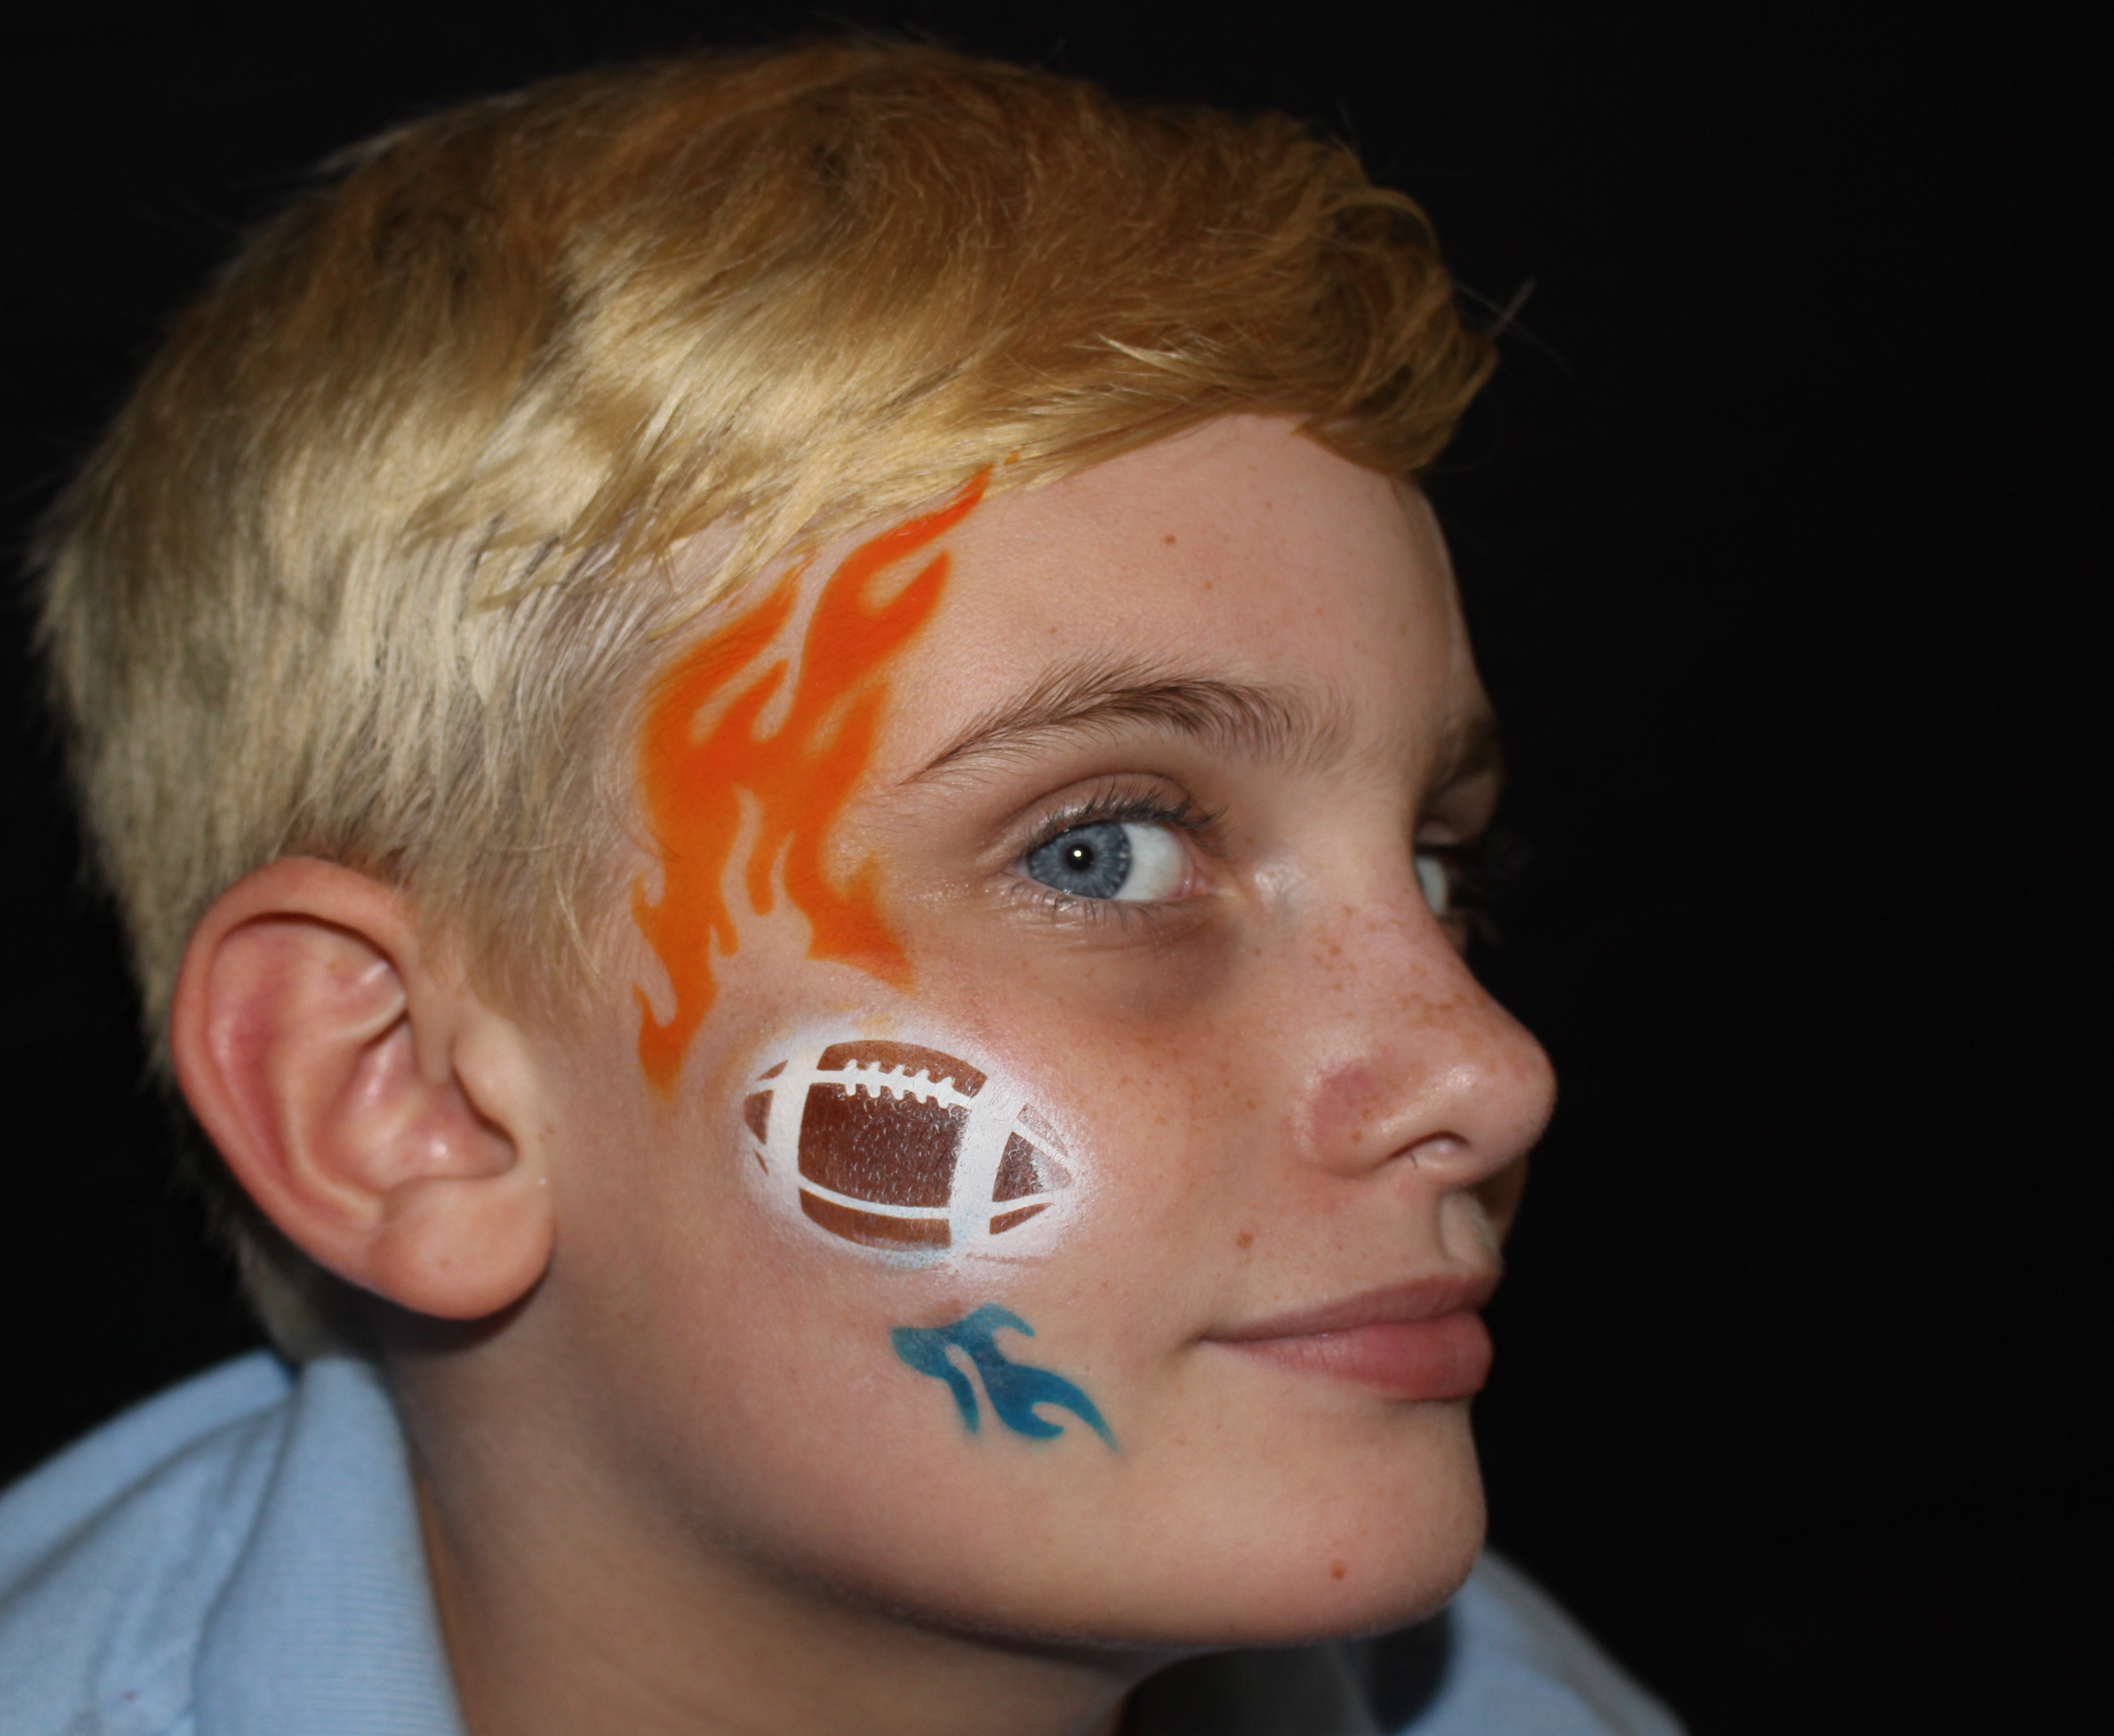 Flaming Football 2